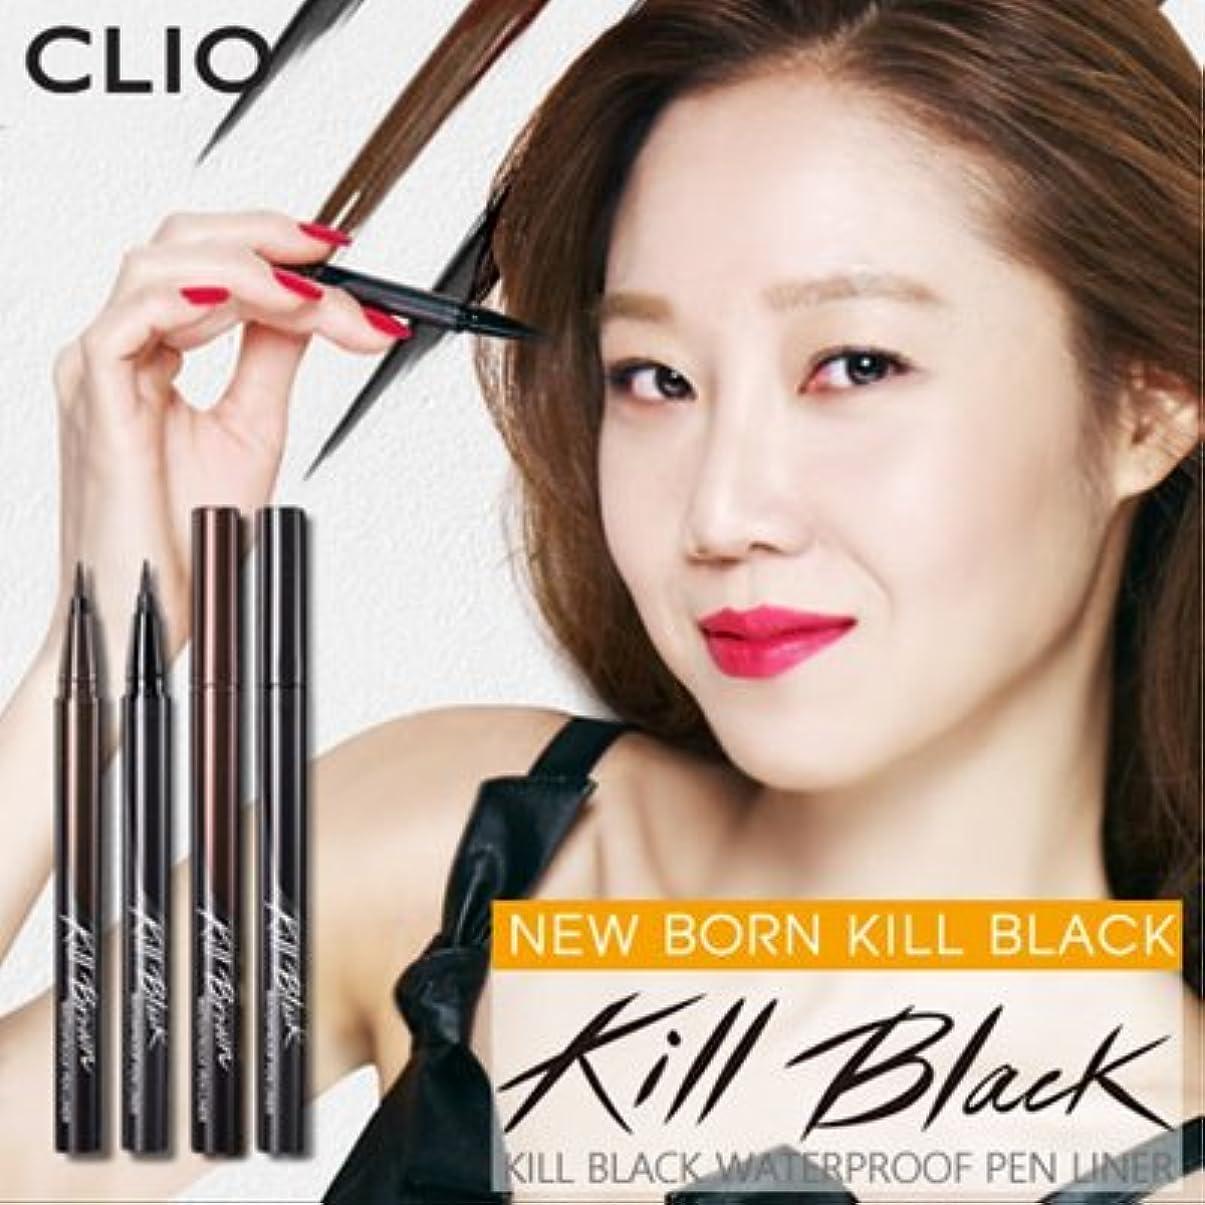 欠点盲目理論CLIO Waterproof Pen Liner (# Kill Black) クリオ ウォータープルーフペンライナー [並行輸入品]